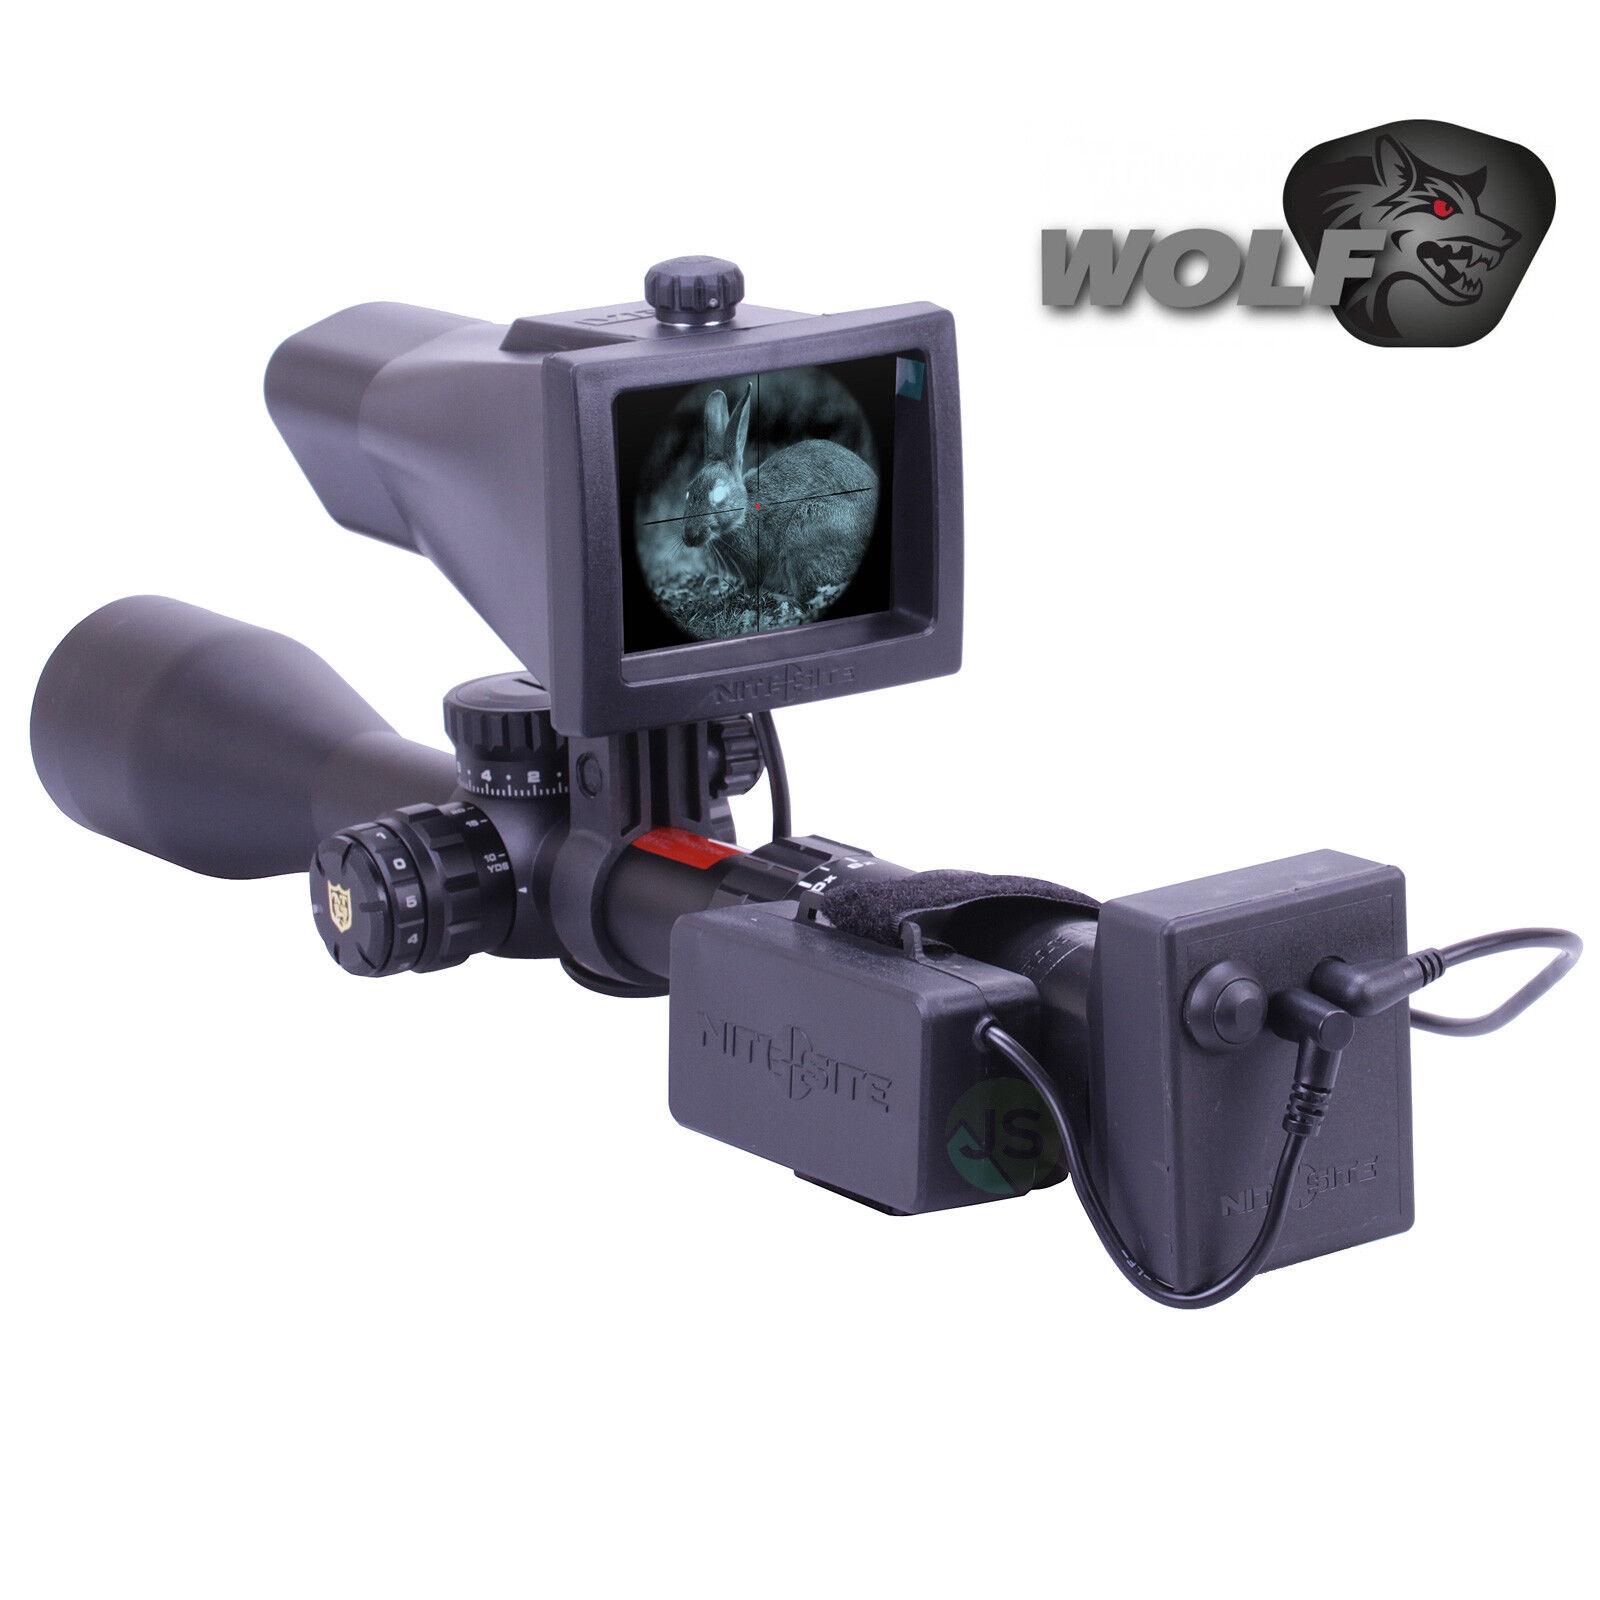 Nite Site NiteSite Wolf Night Vision NV Conversion Kit Scope Mounted 300 Metres